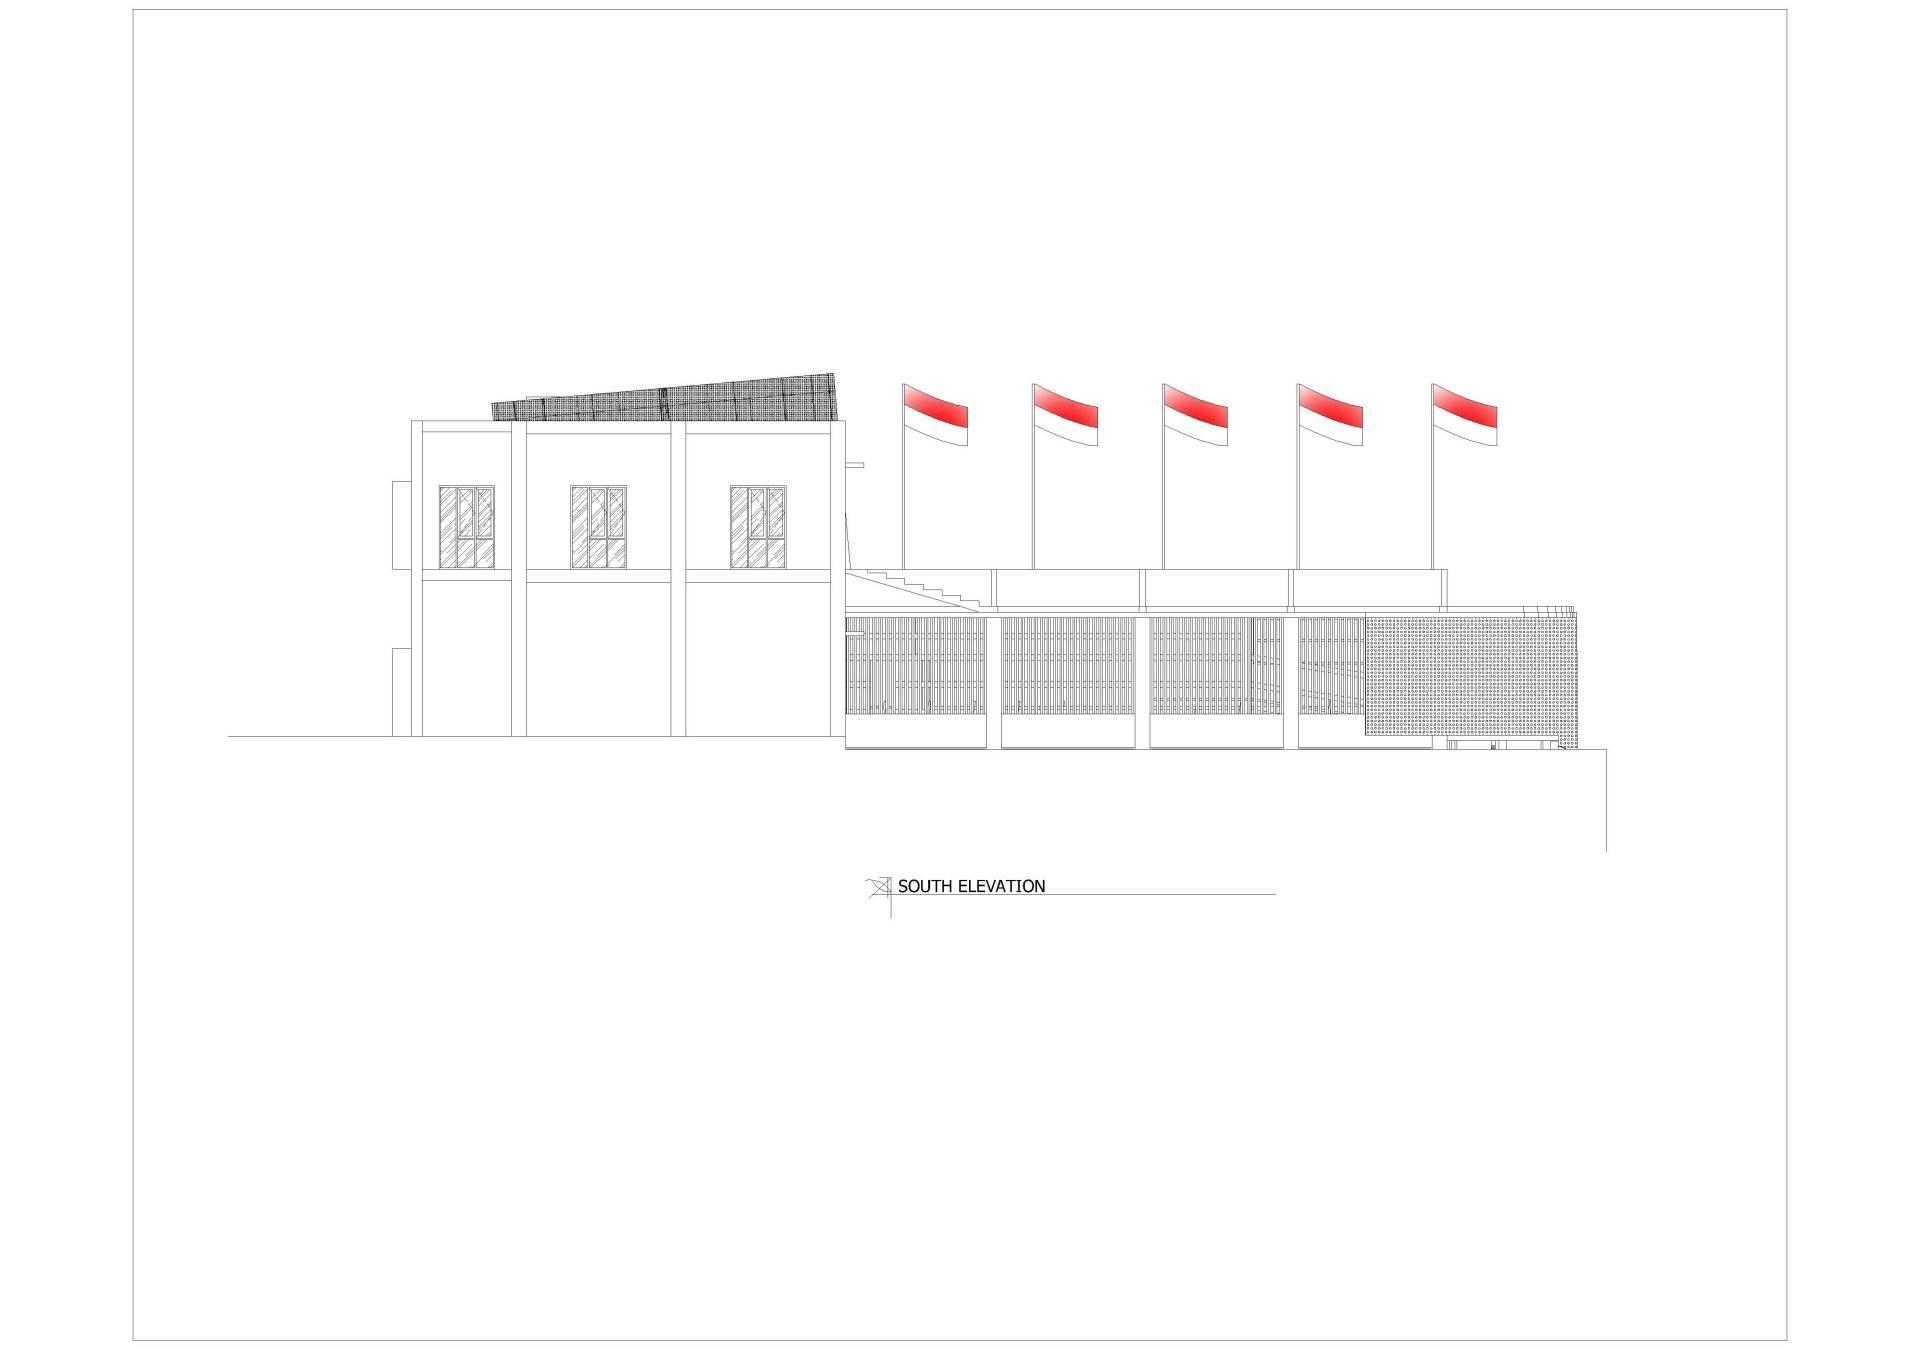 Haris Wibisono, Iai Veteran Memorial Building At Kota Batu Malang, East Java, Indonesia Malang, East Java, Indonesia E-South   2514